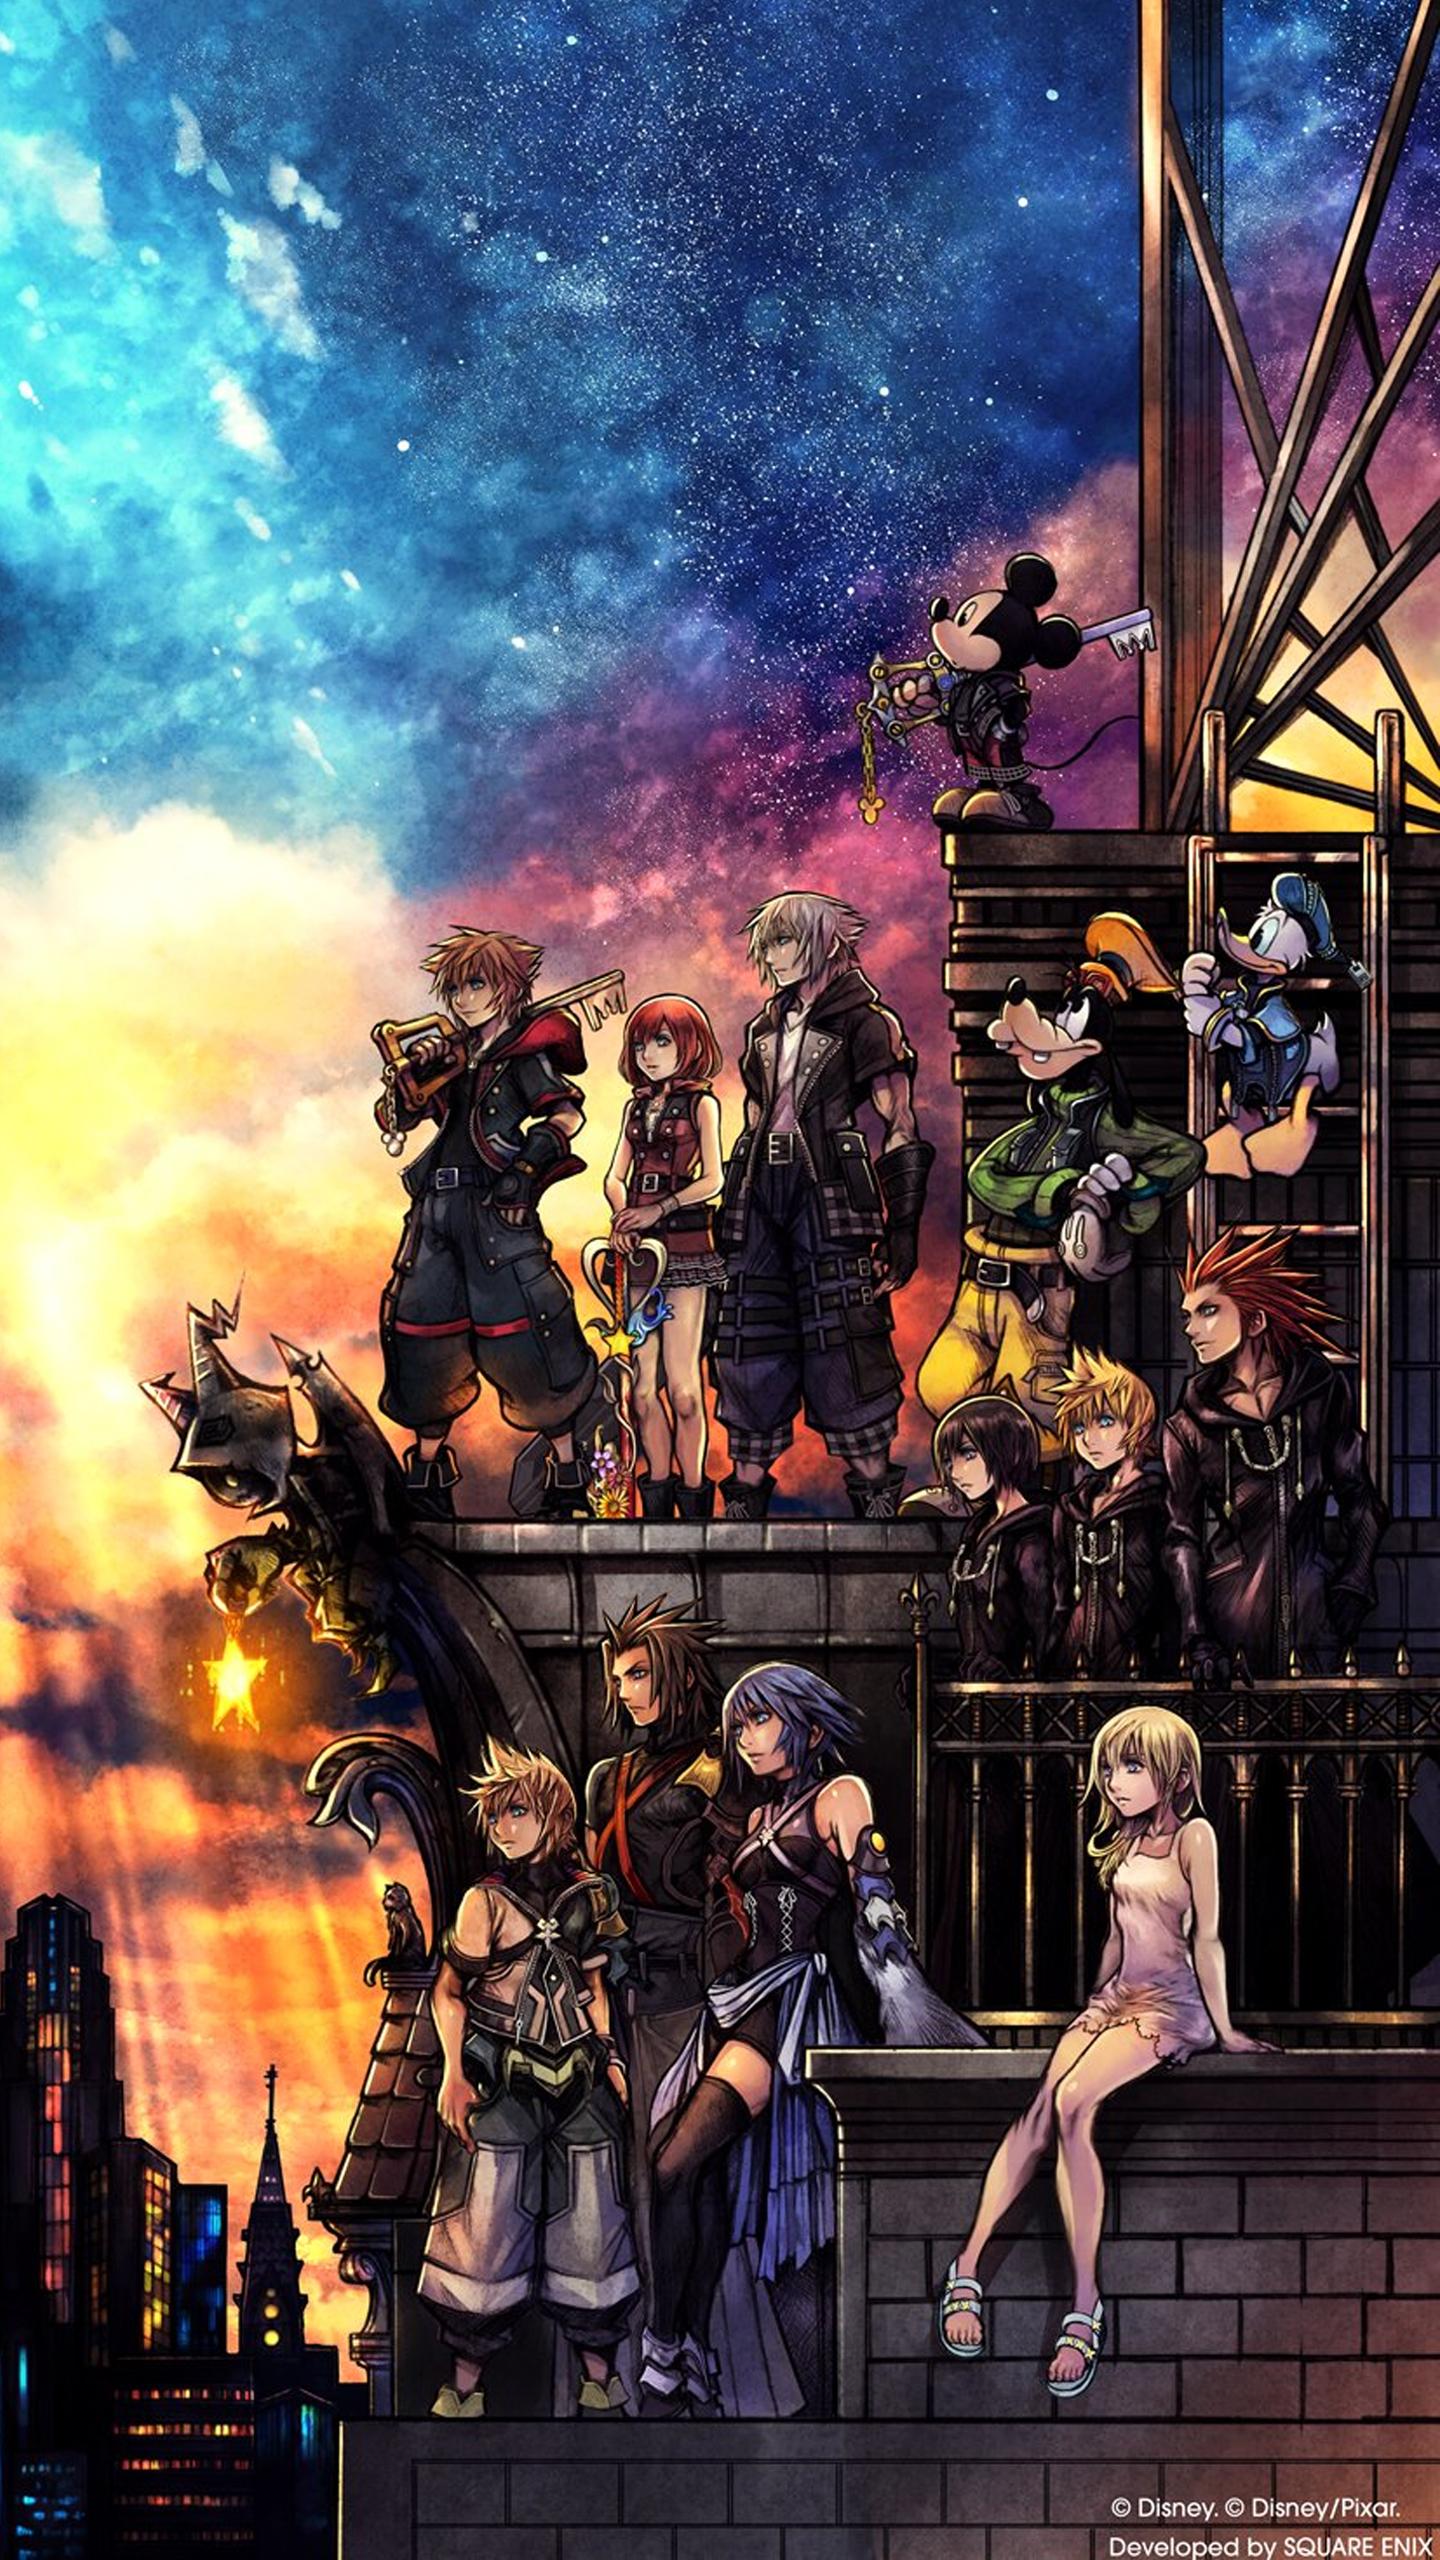 Kingdom Hearts Iphone Wallpaper Kingdom Hearts Iii Wallpaper Cover Art Wallpaper Cat